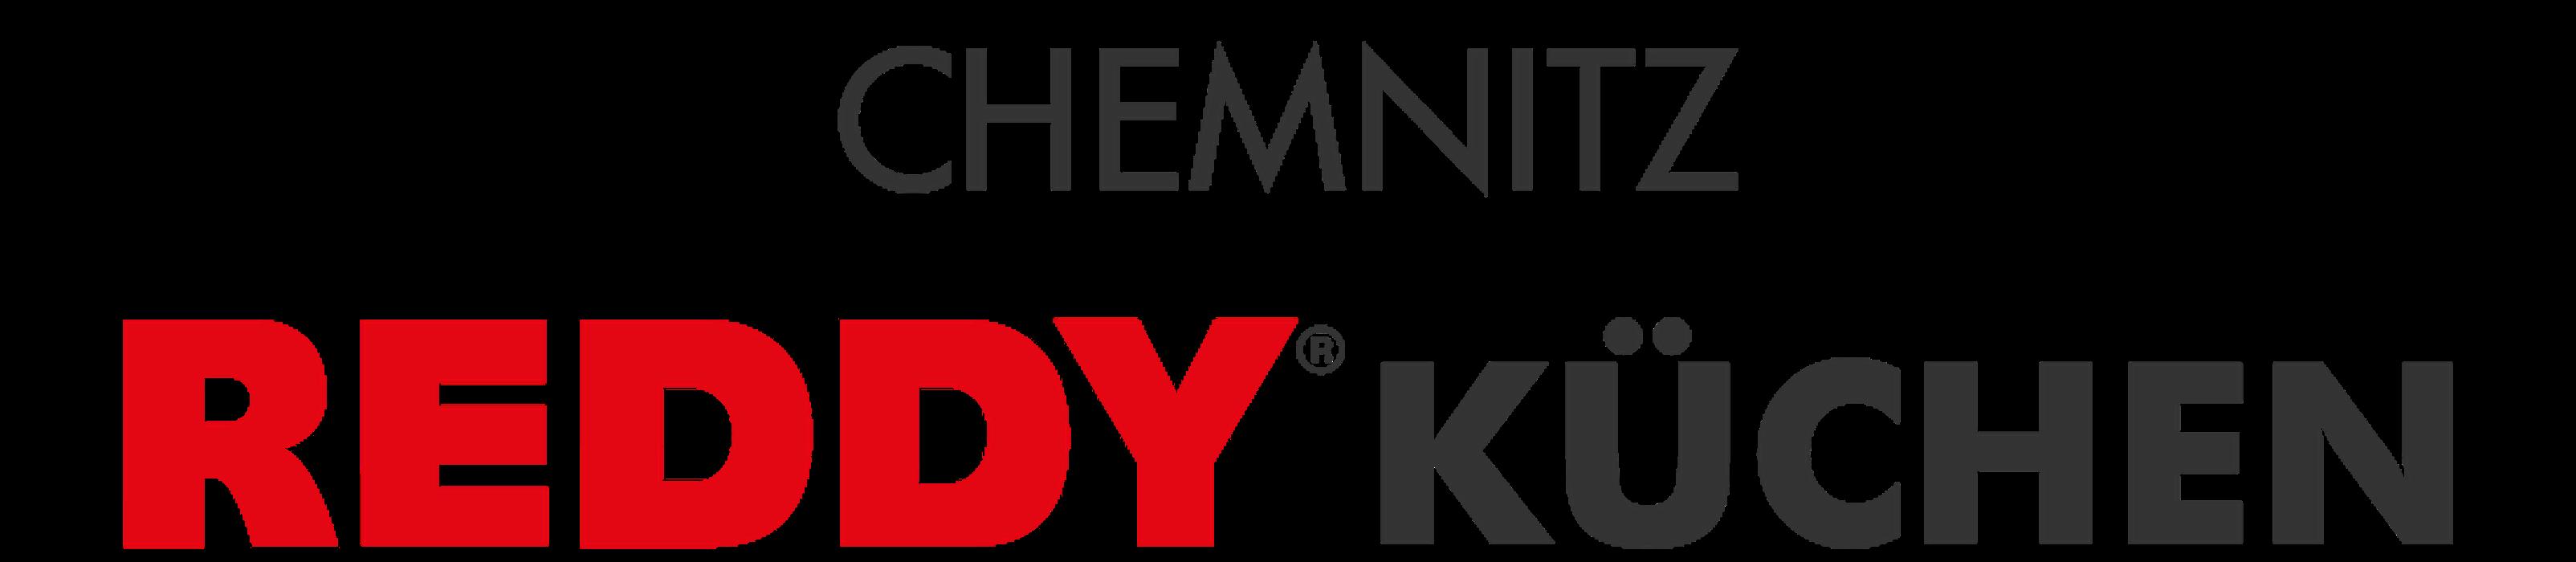 REDDY Küchen Chemnitz • Chemnitz, Werner-Seelenbinder-Straße 2 ...